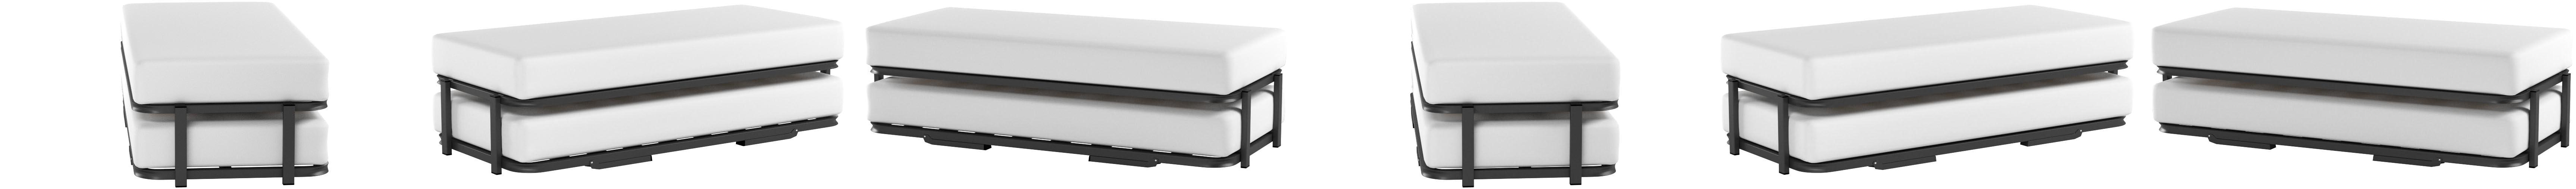 Hogar 24 Cama Nido Metálica Reforzada, 4 Patas, 80x180